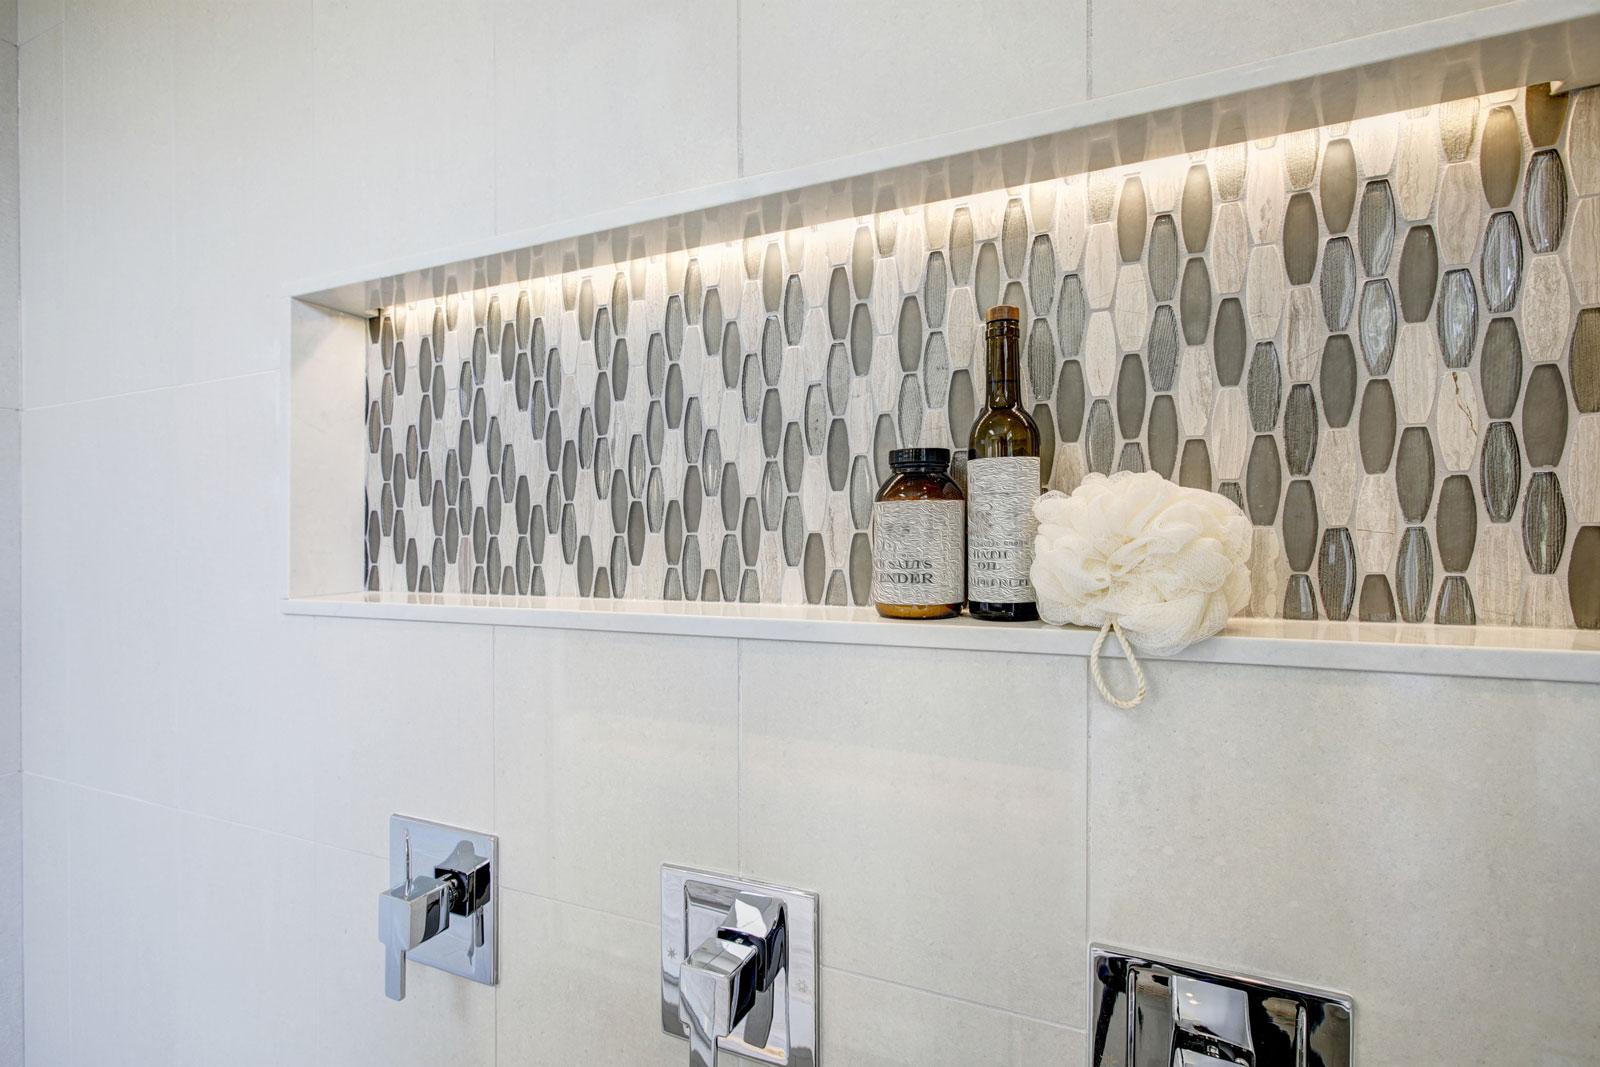 Eingebaute Ablage: Mit einer Nische wirkt die Dusche aufgeräumt.